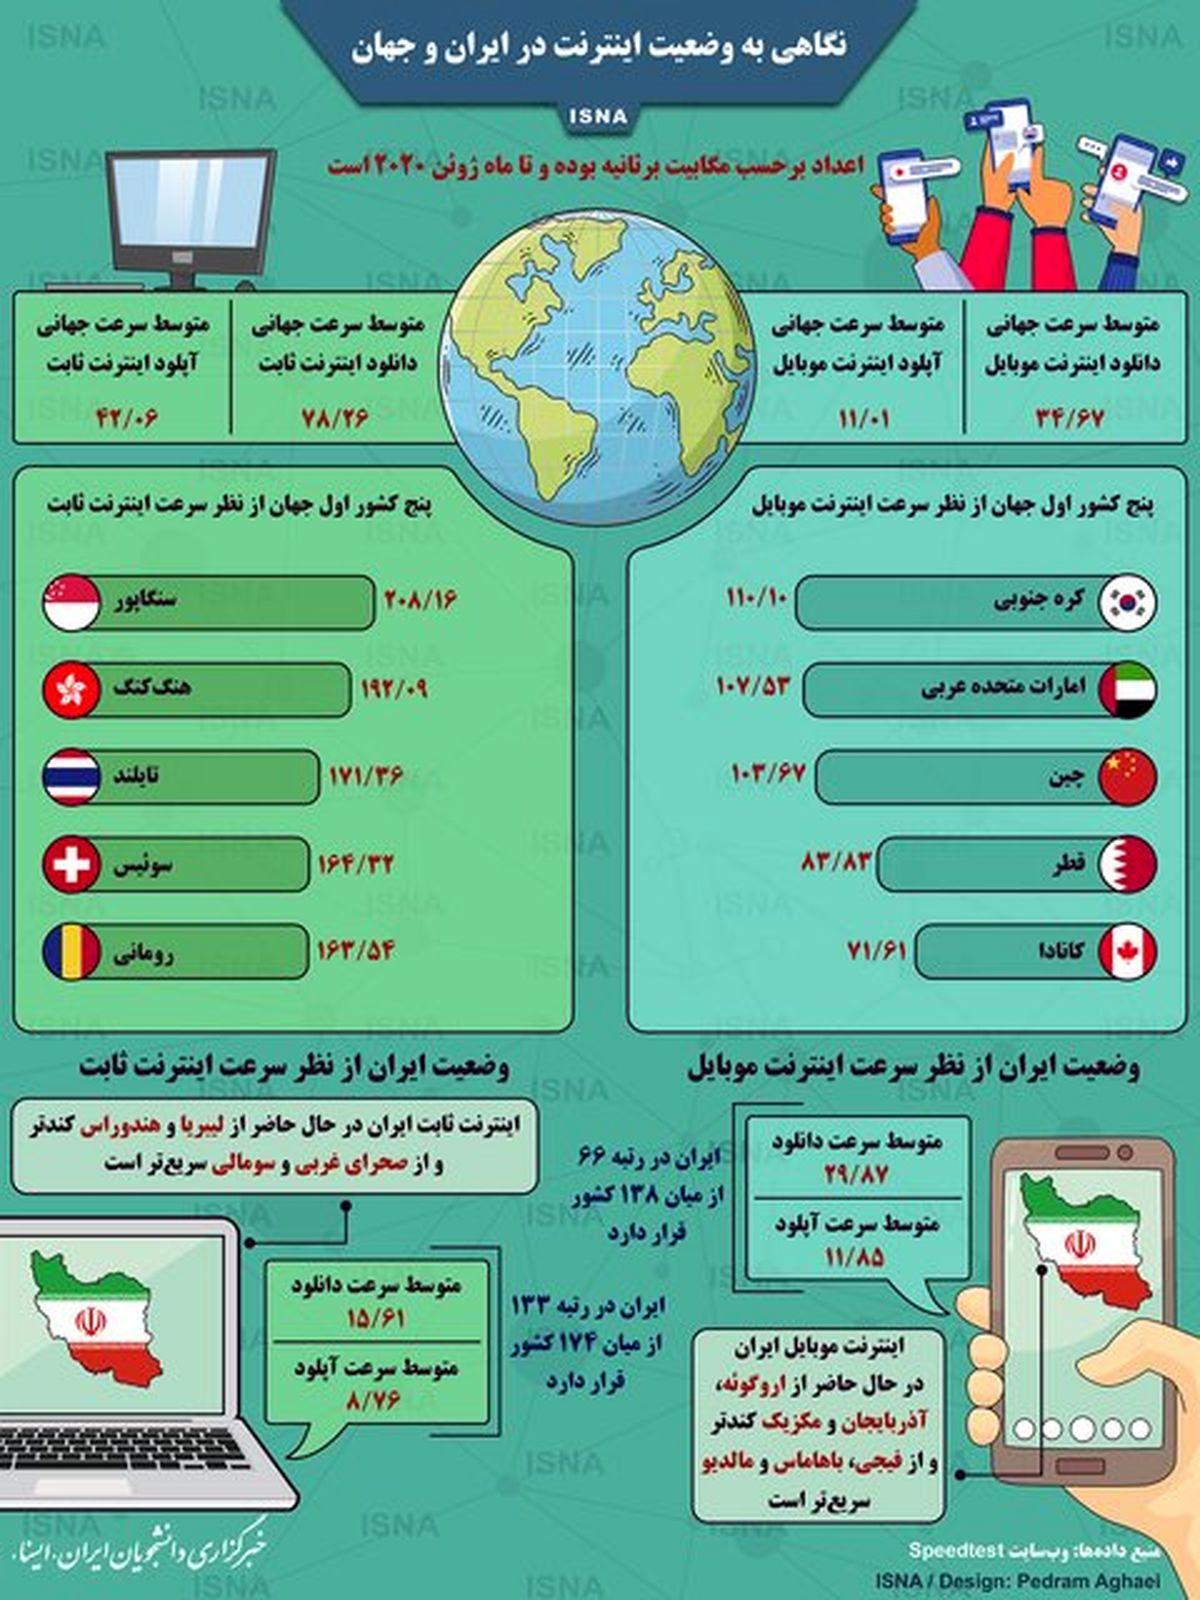 نگاهی به وضعیت اینترنت در ایران و جهان